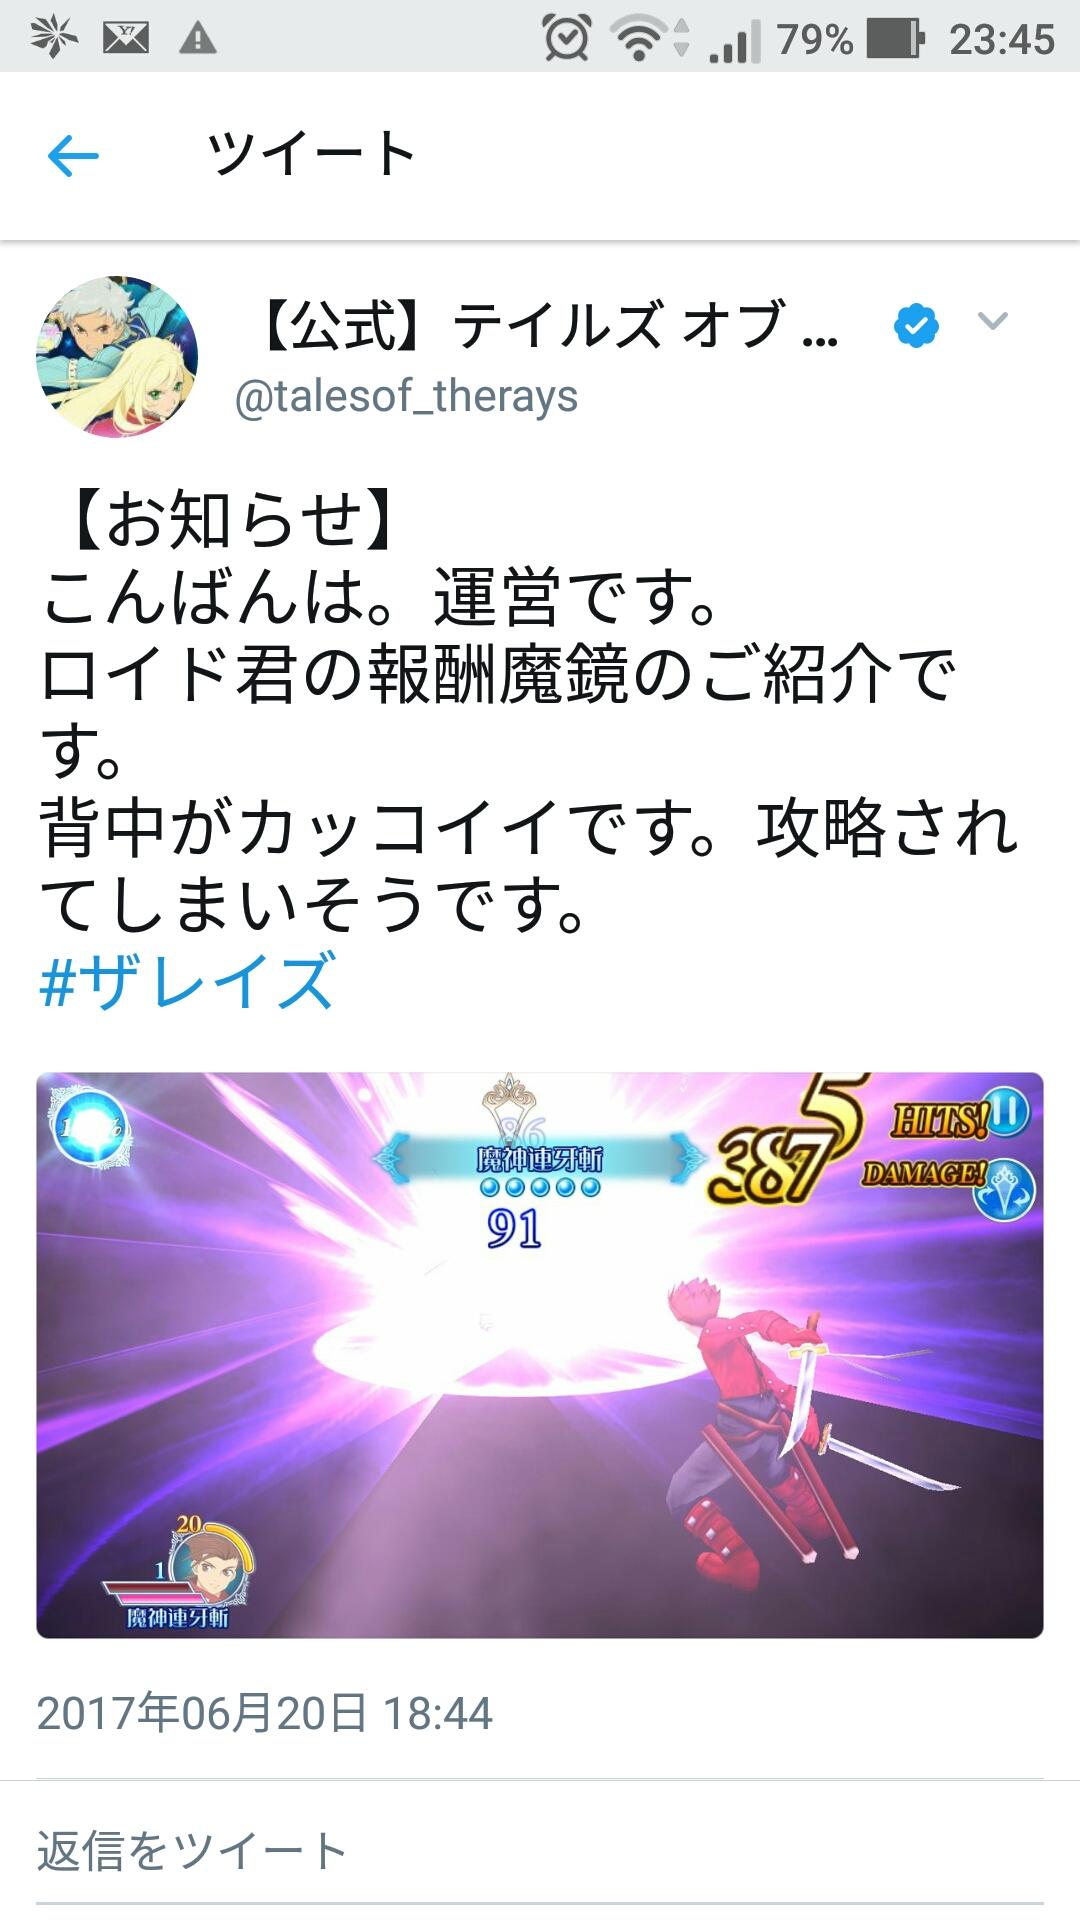 ザレイズ公式 ロイド報酬魔境技紹介